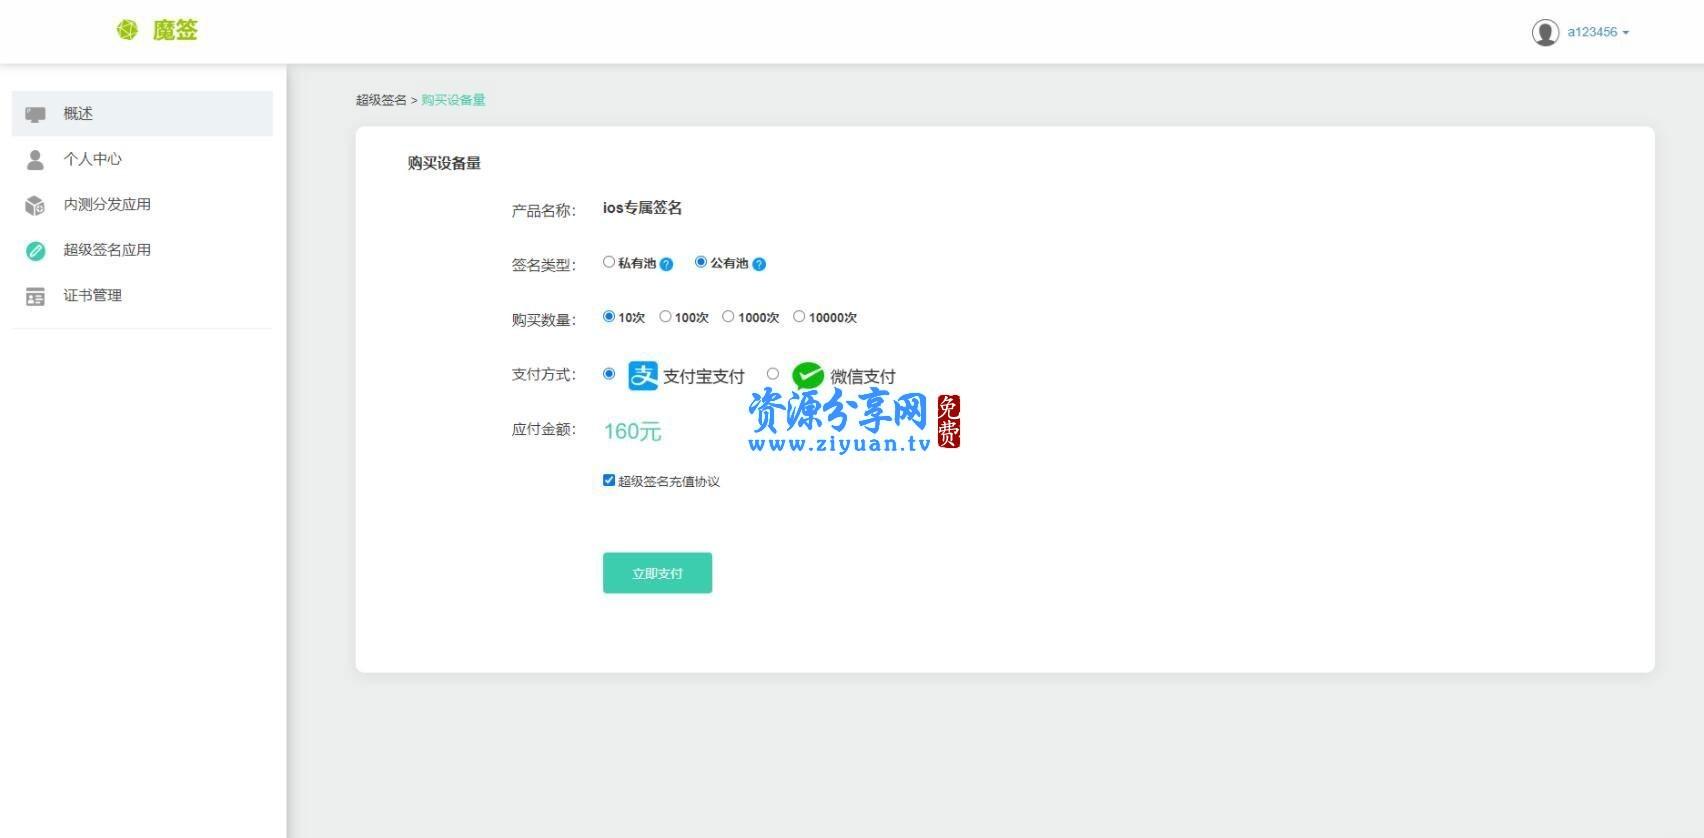 超级签名源码 修复版 IOS 超级签名系统+ipa 自动签名分发源码